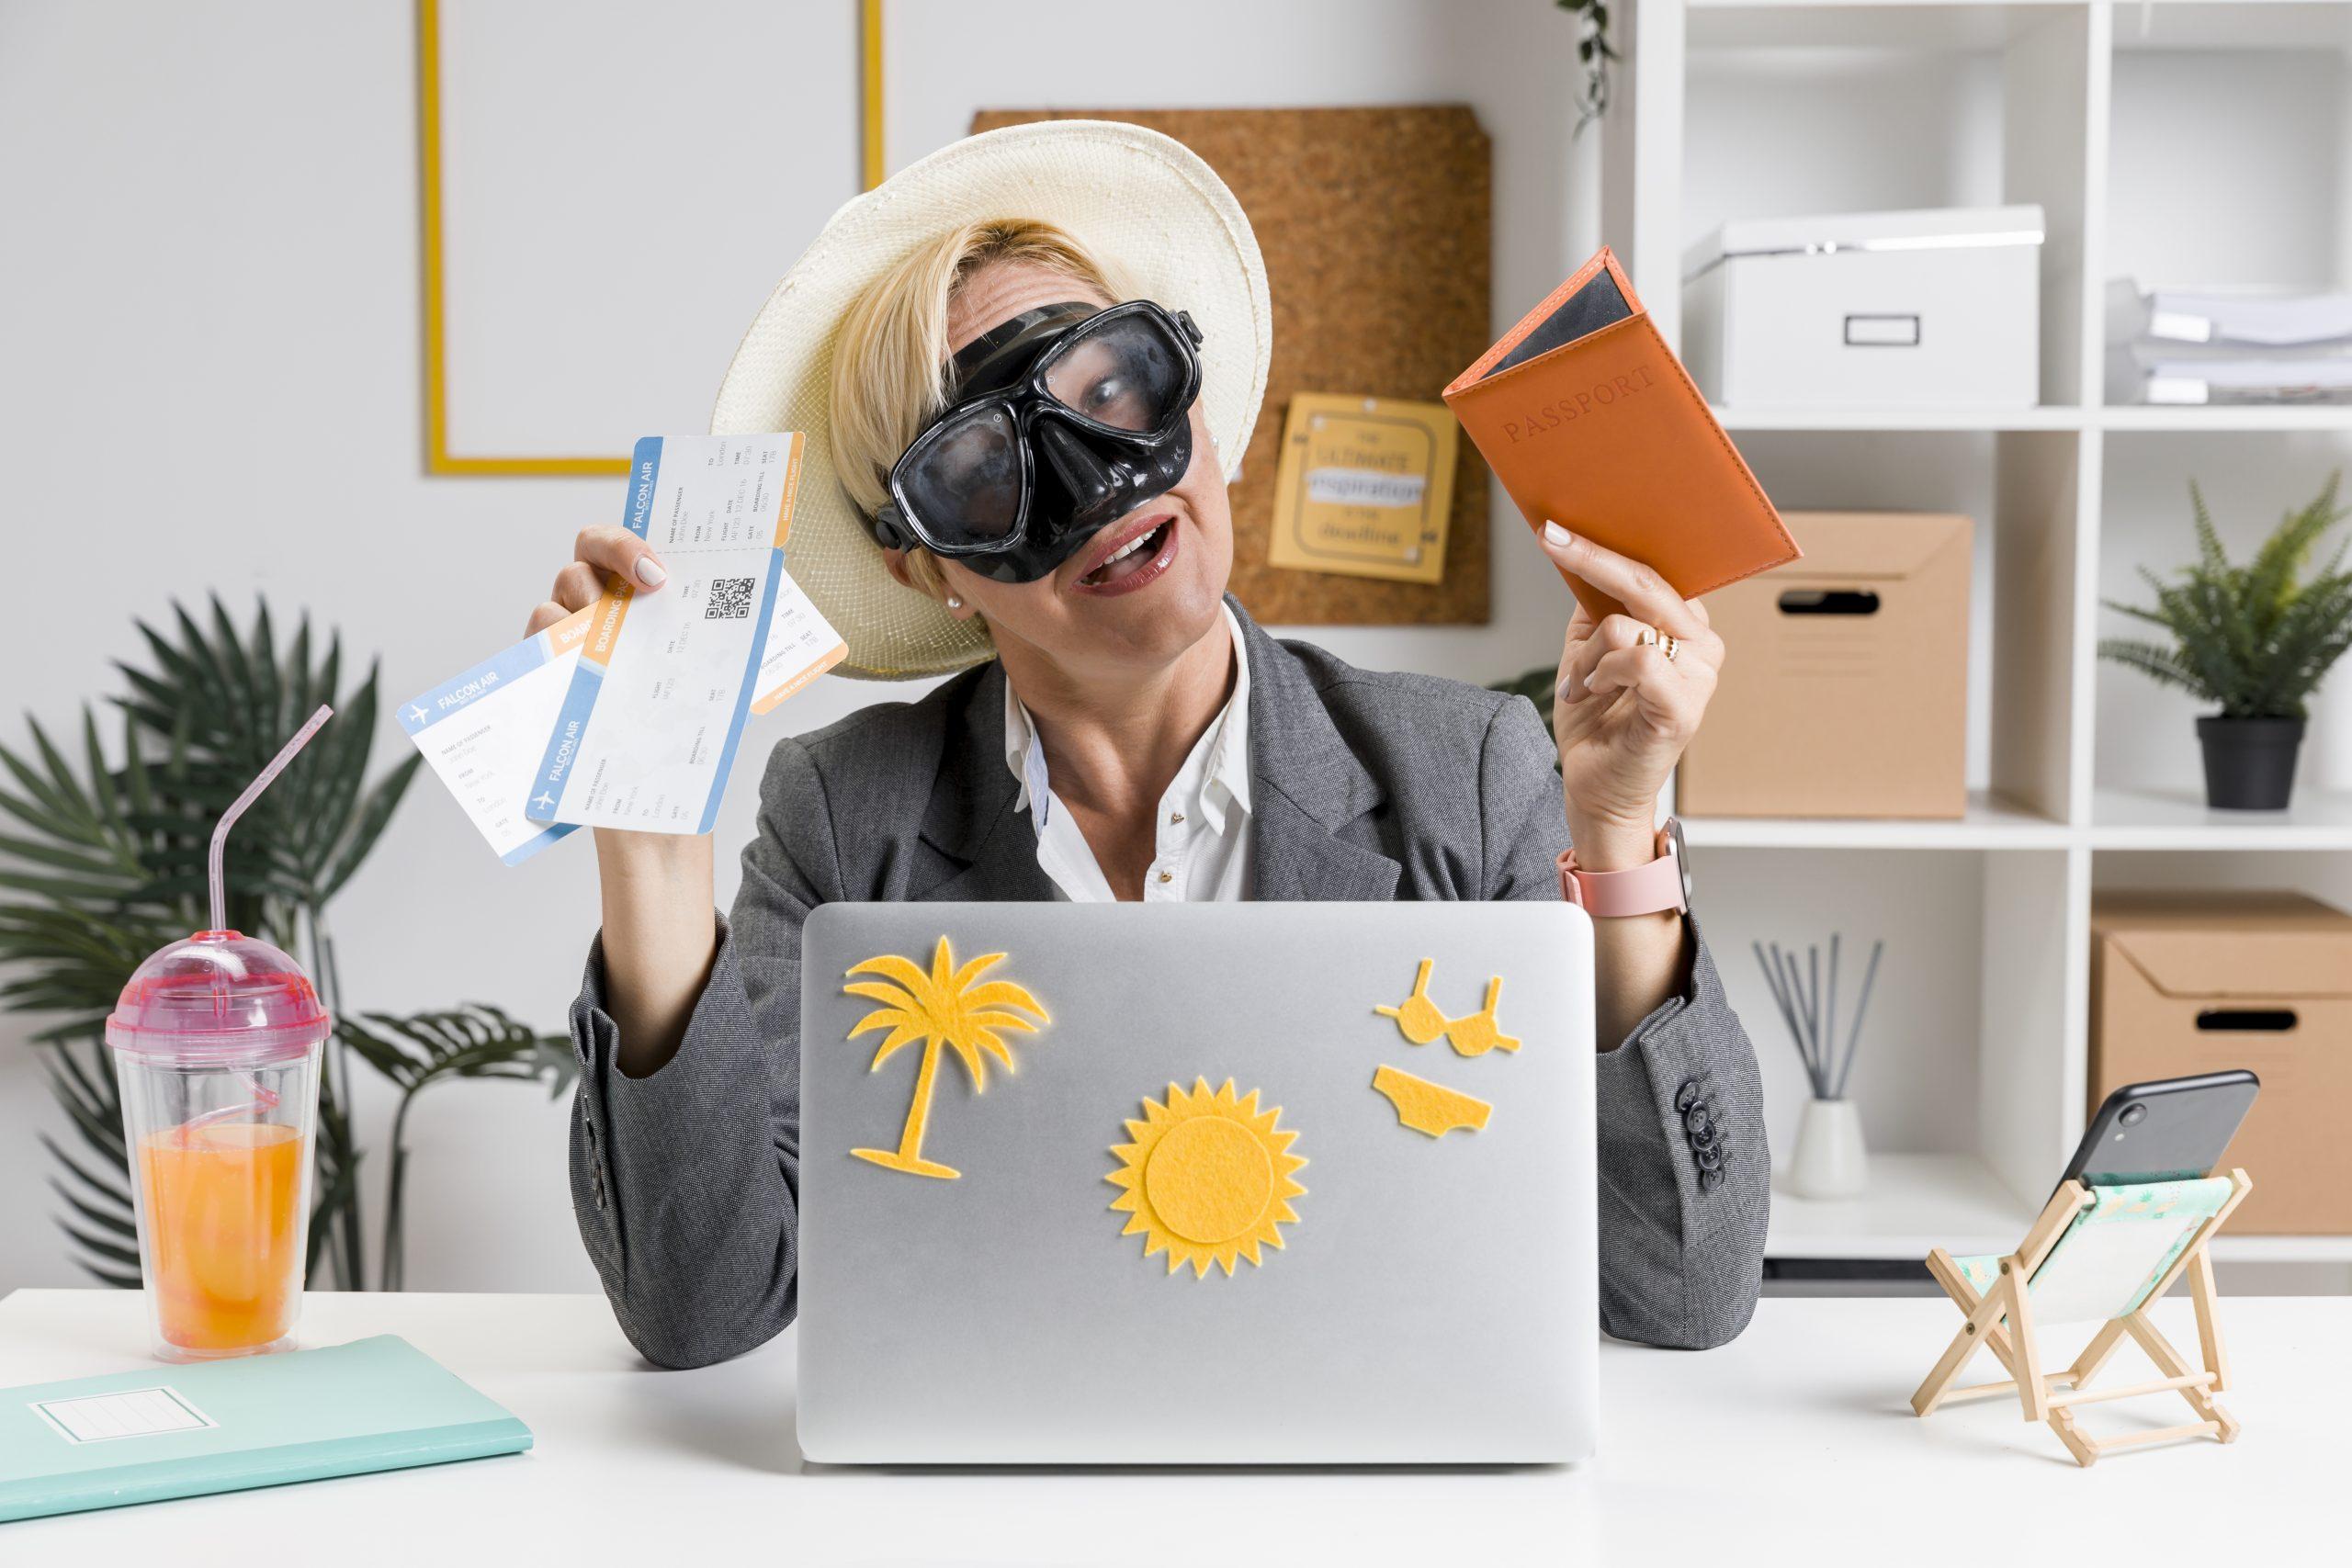 planeacion empresarial, asesoria legal, fiscal, contable, vacaciones, semana santa, sat, gastos